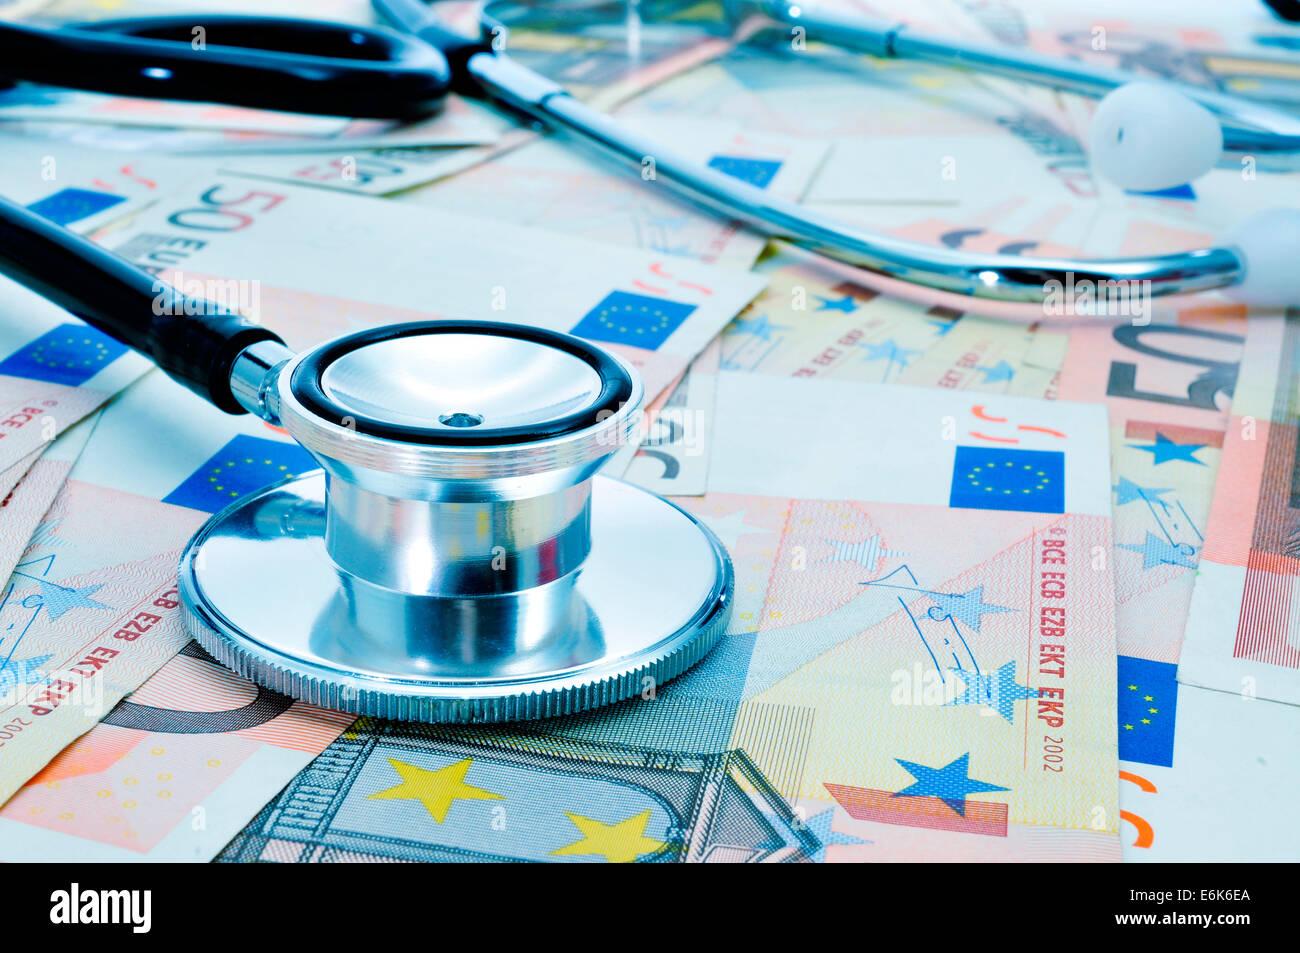 Un stéthoscope sur un tas de projets de l'euro, représentant le concept de l'industrie des soins Photo Stock